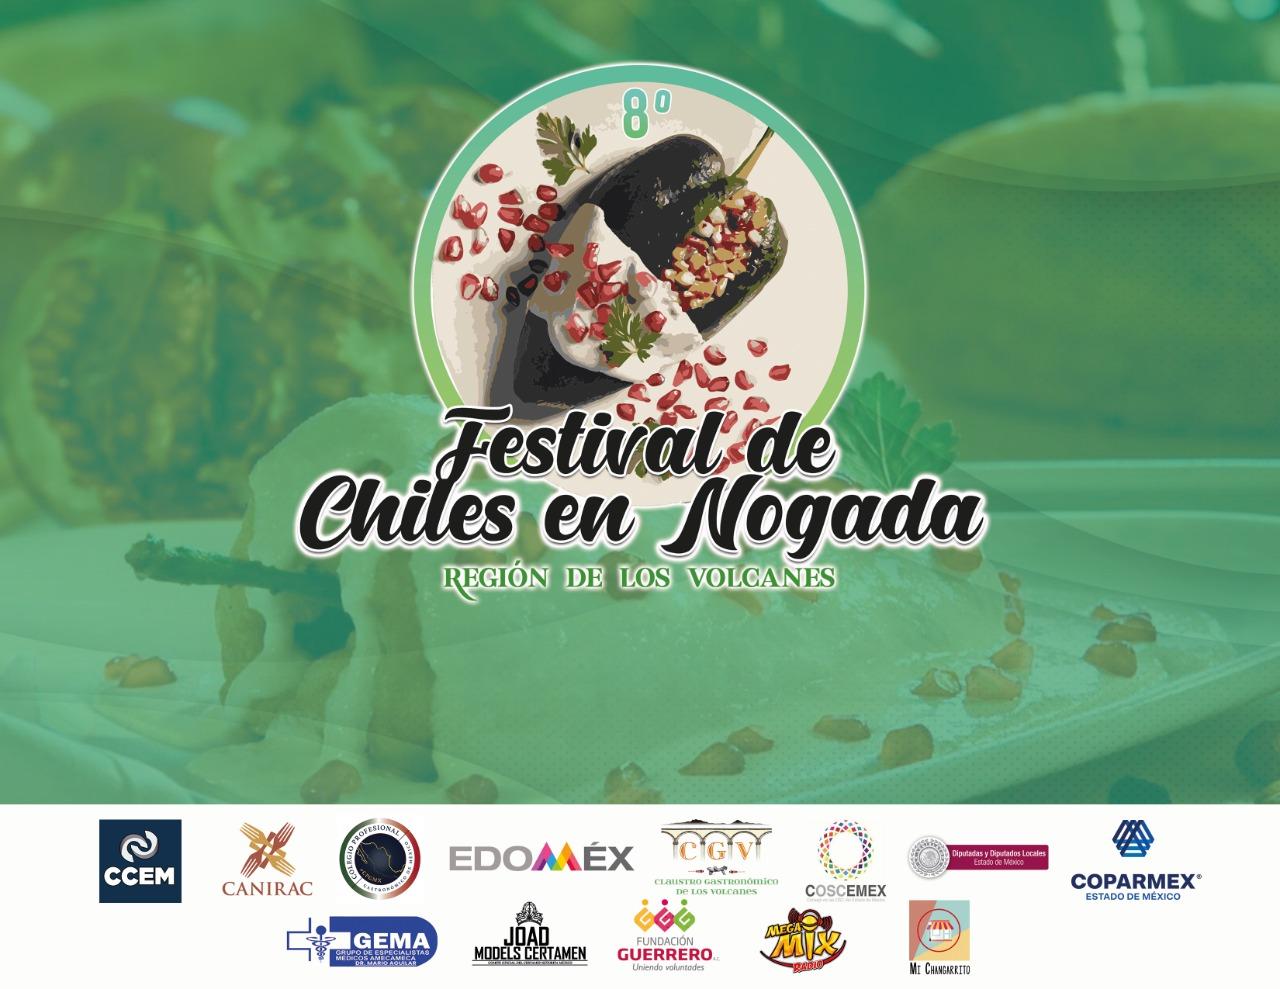 DISFRUTA DEL 8º FESTIVAL DE CHILES EN NOGADA, EN LA ZONA DE LOS VOLCANES